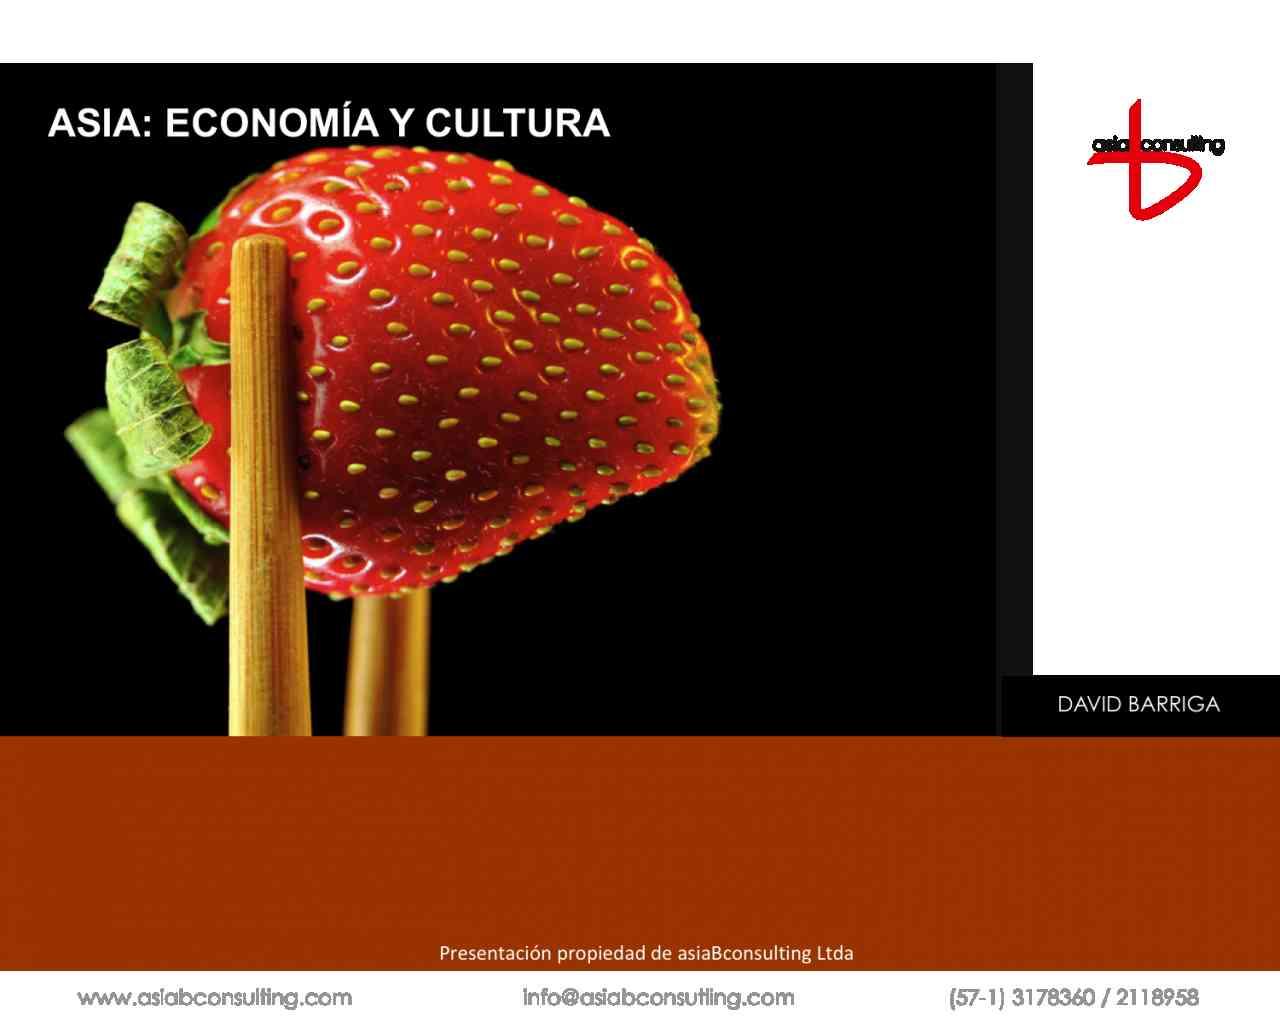 imagen portada ASIA: ECONOMIA Y CULTURA